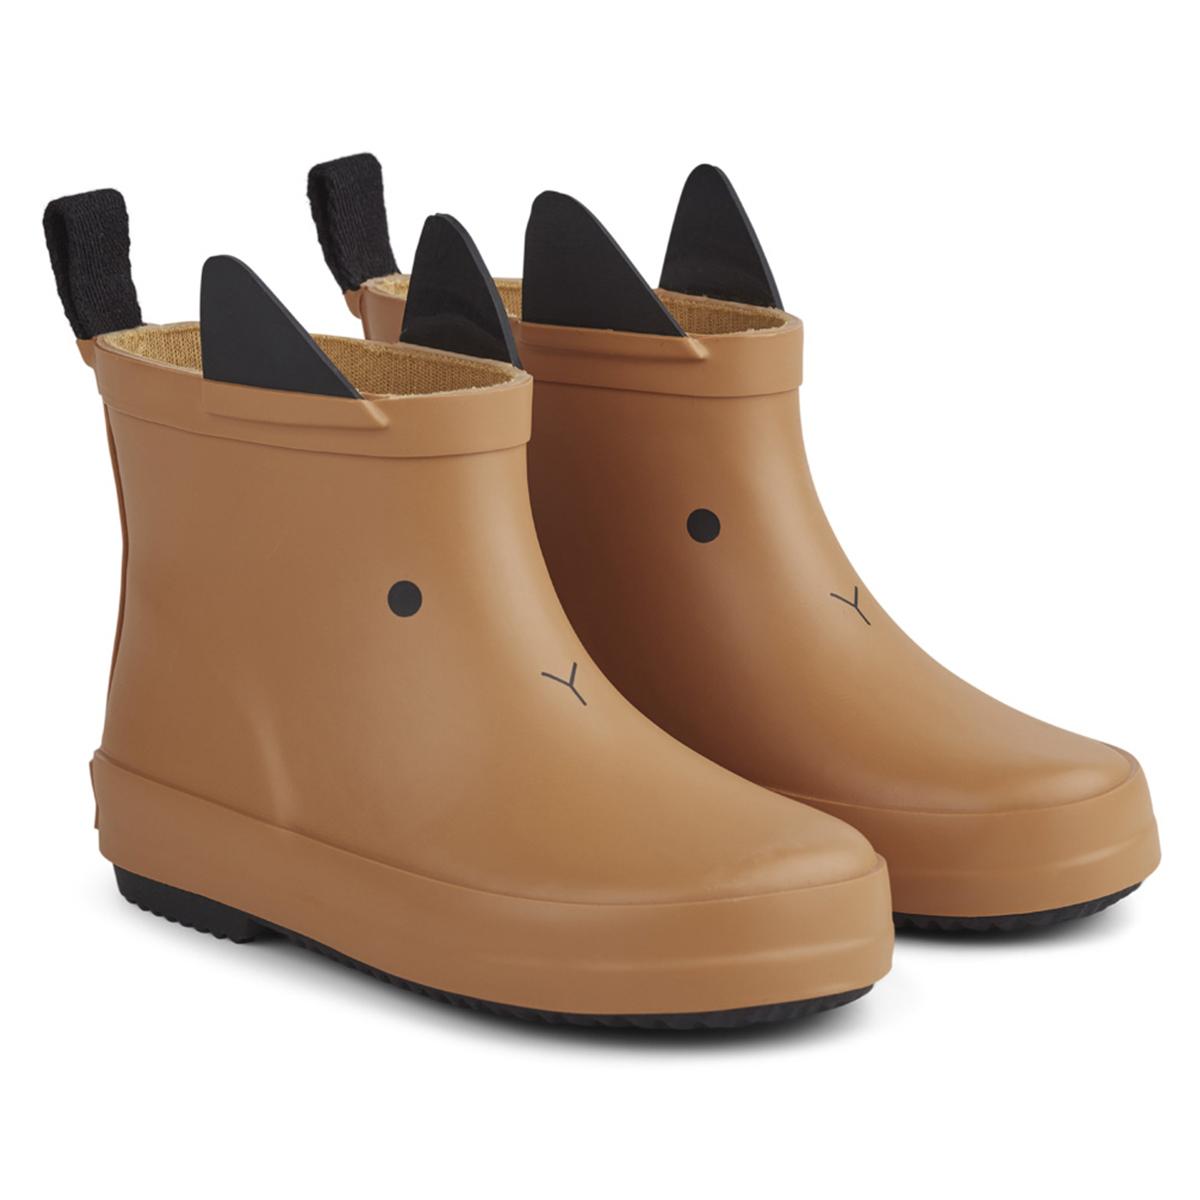 Chaussons & Chaussures Bottes de Pluie Tobi Rabbit Mustard - 26 Bottes de Pluie Tobi Rabbit Mustard - 26